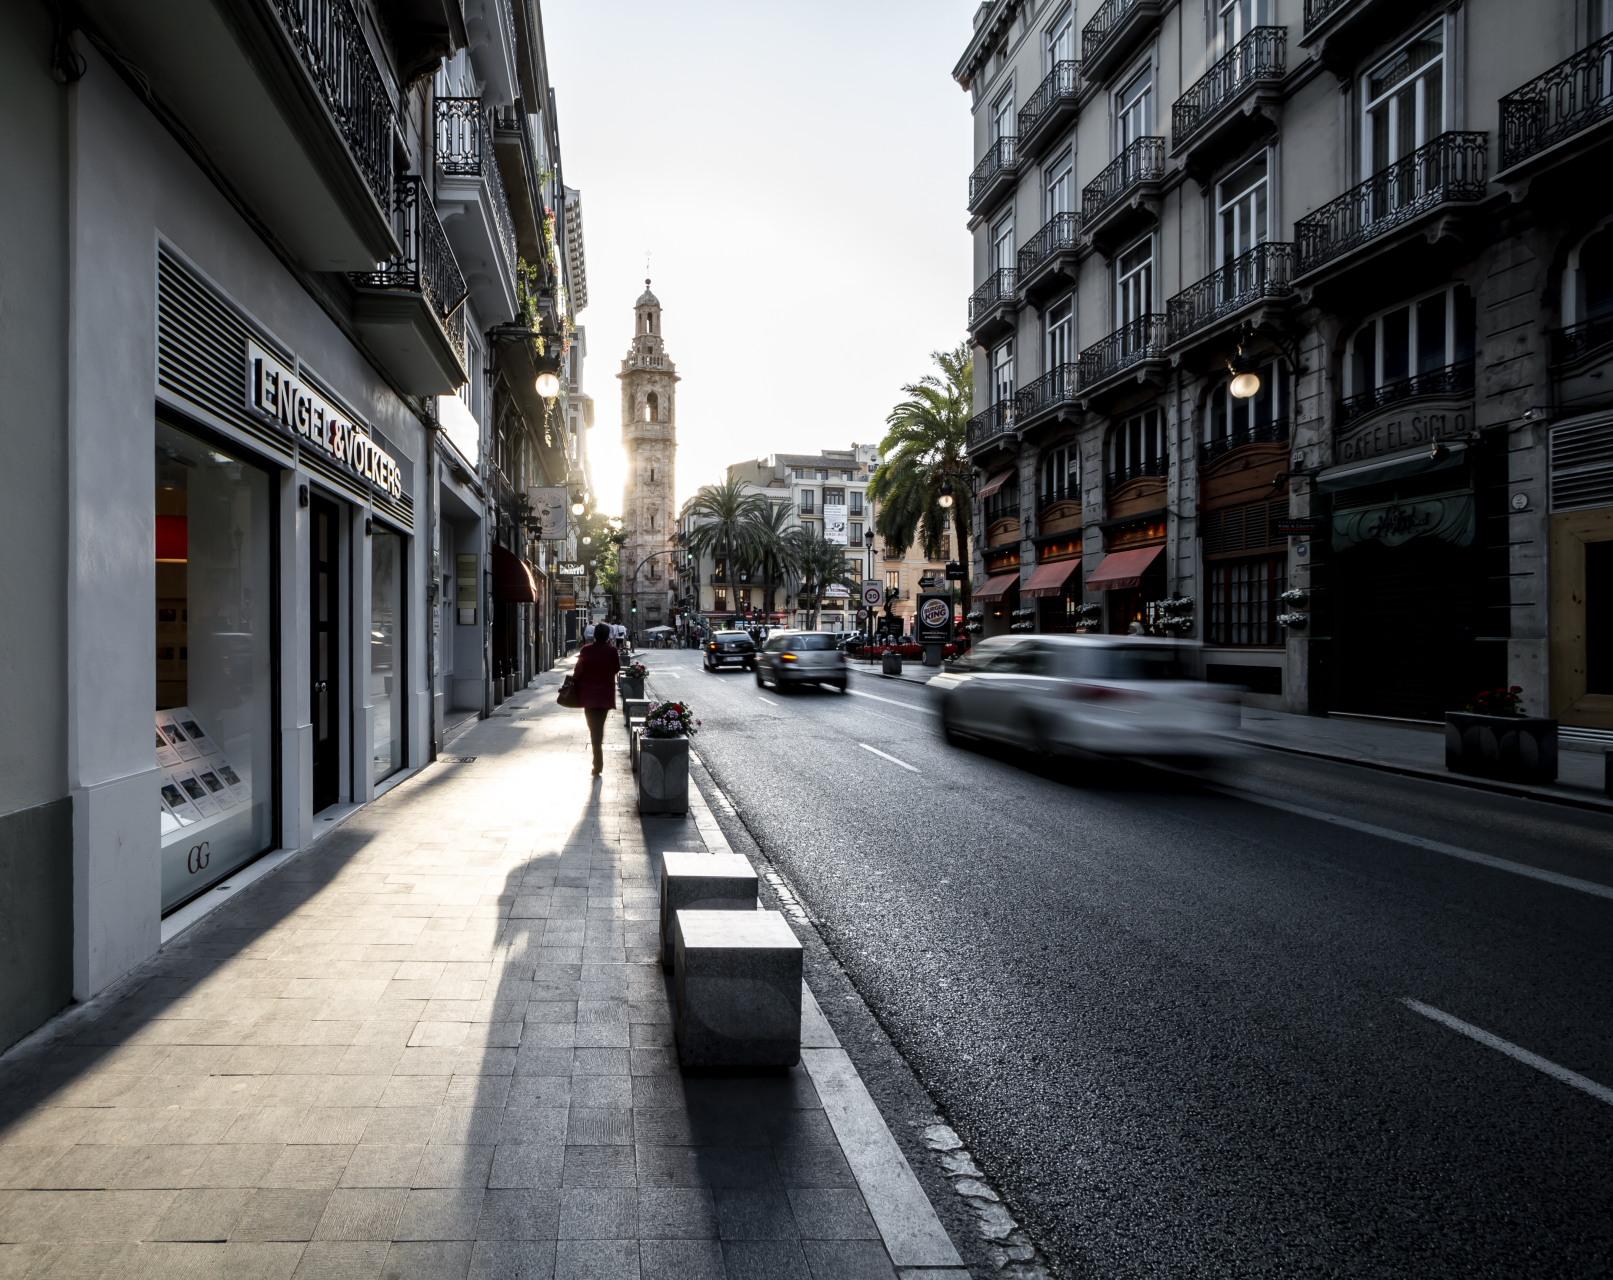 fotografia-arquitectura-valencia-german-cabo-bfm-engel-volkers (1)